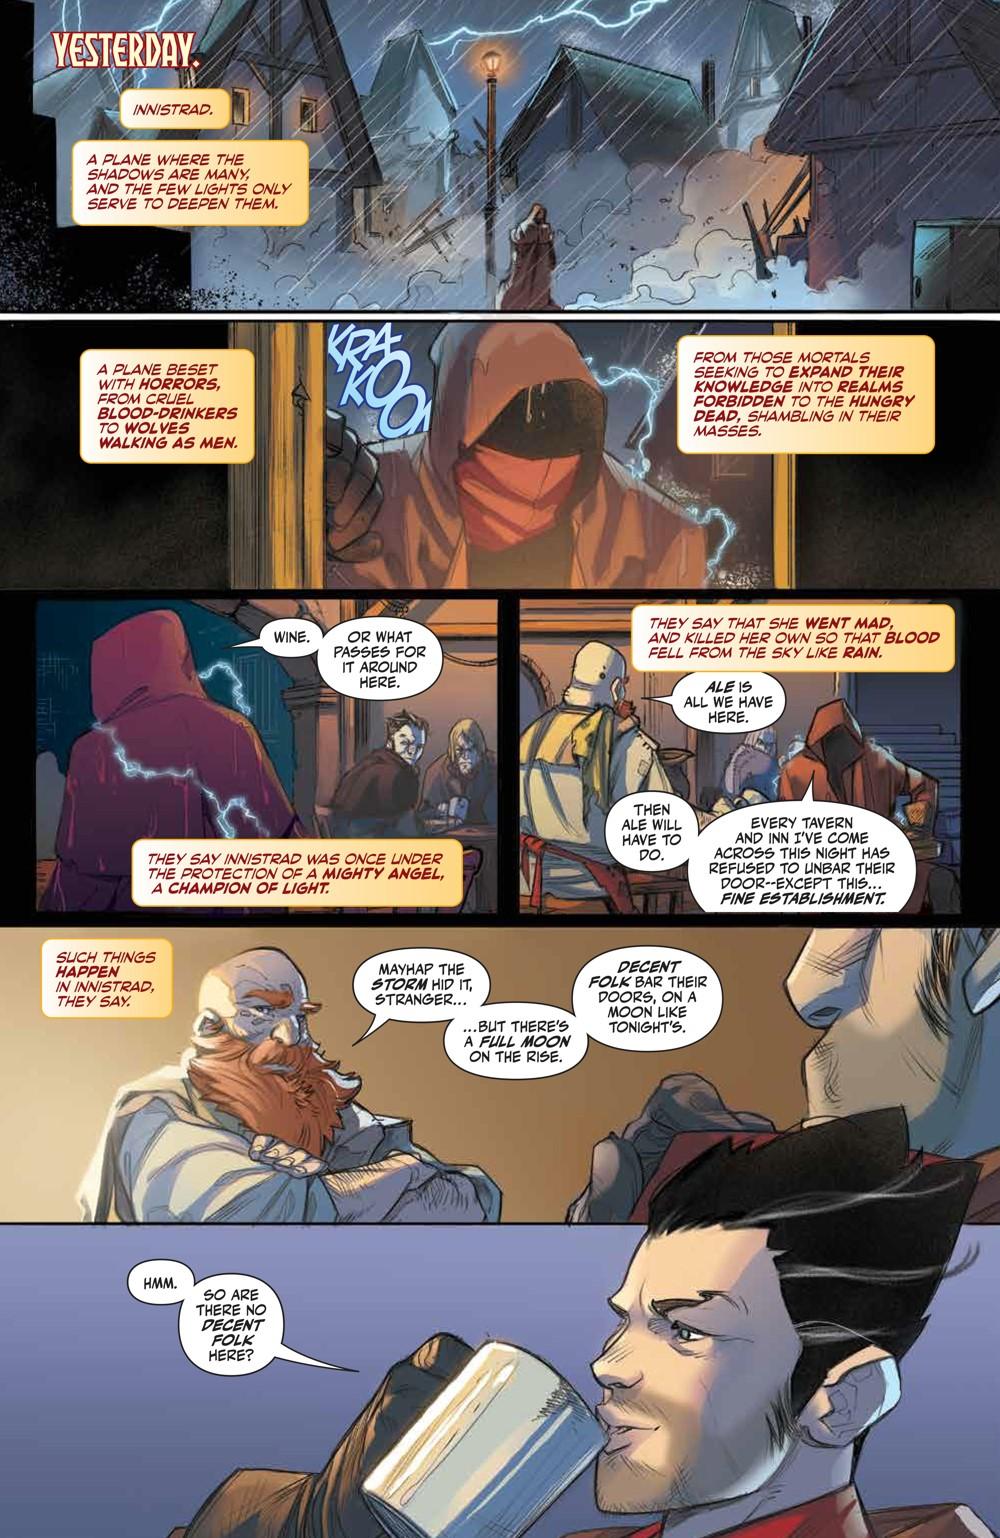 Magic_005_PRESS_3 ComicList Previews: MAGIC #5